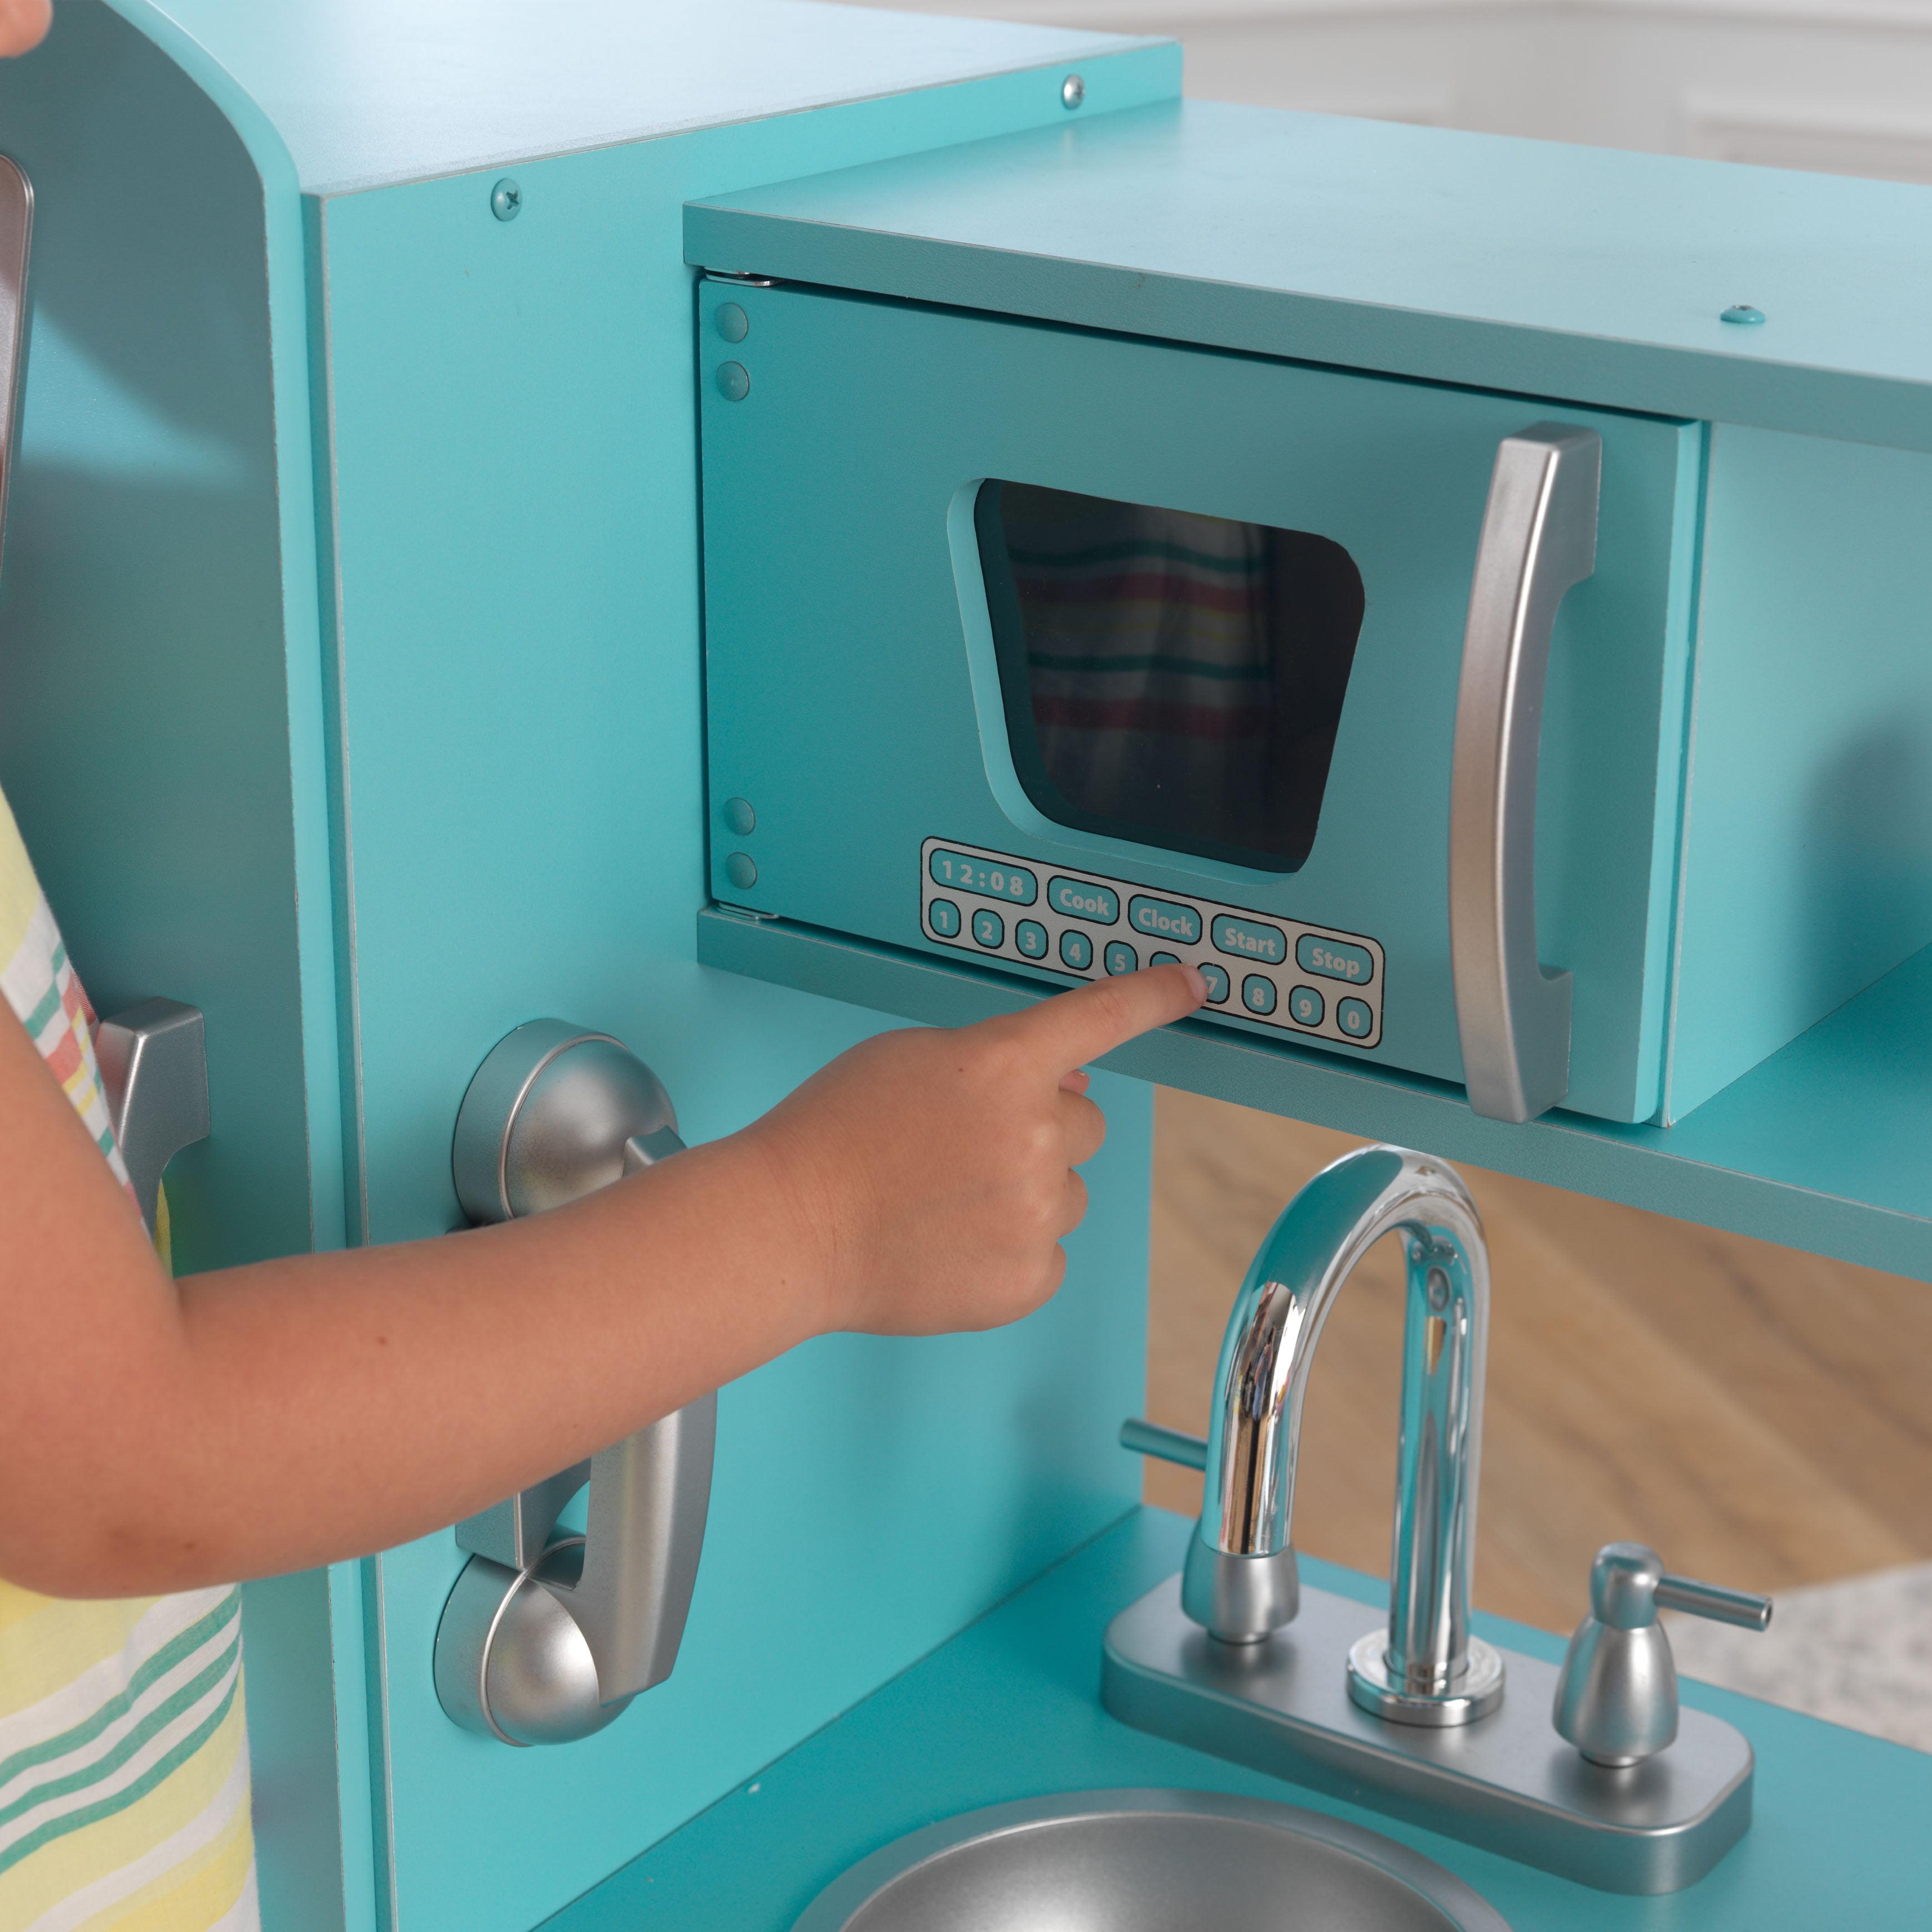 Kidkraft Retro Kitchen Blue kidkraft vintage play kitchen - blue - walmart